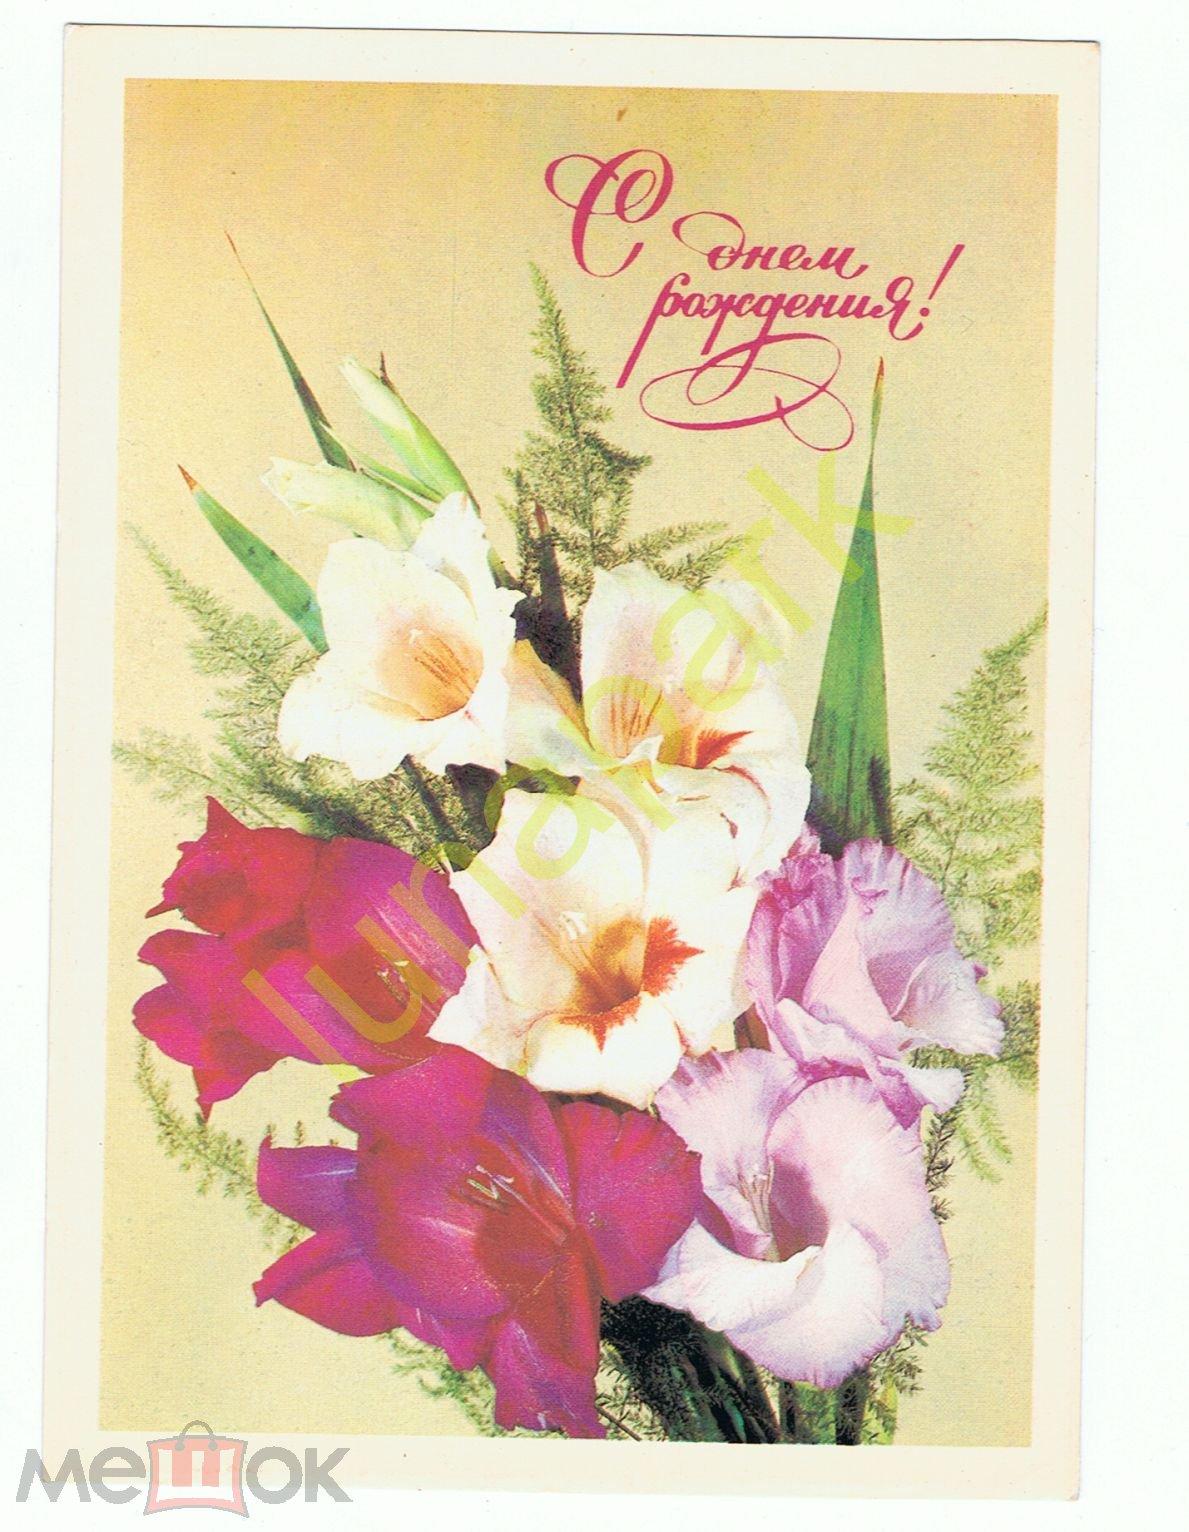 С днем рождения открытки гладиолусы, любимый открытки картинки